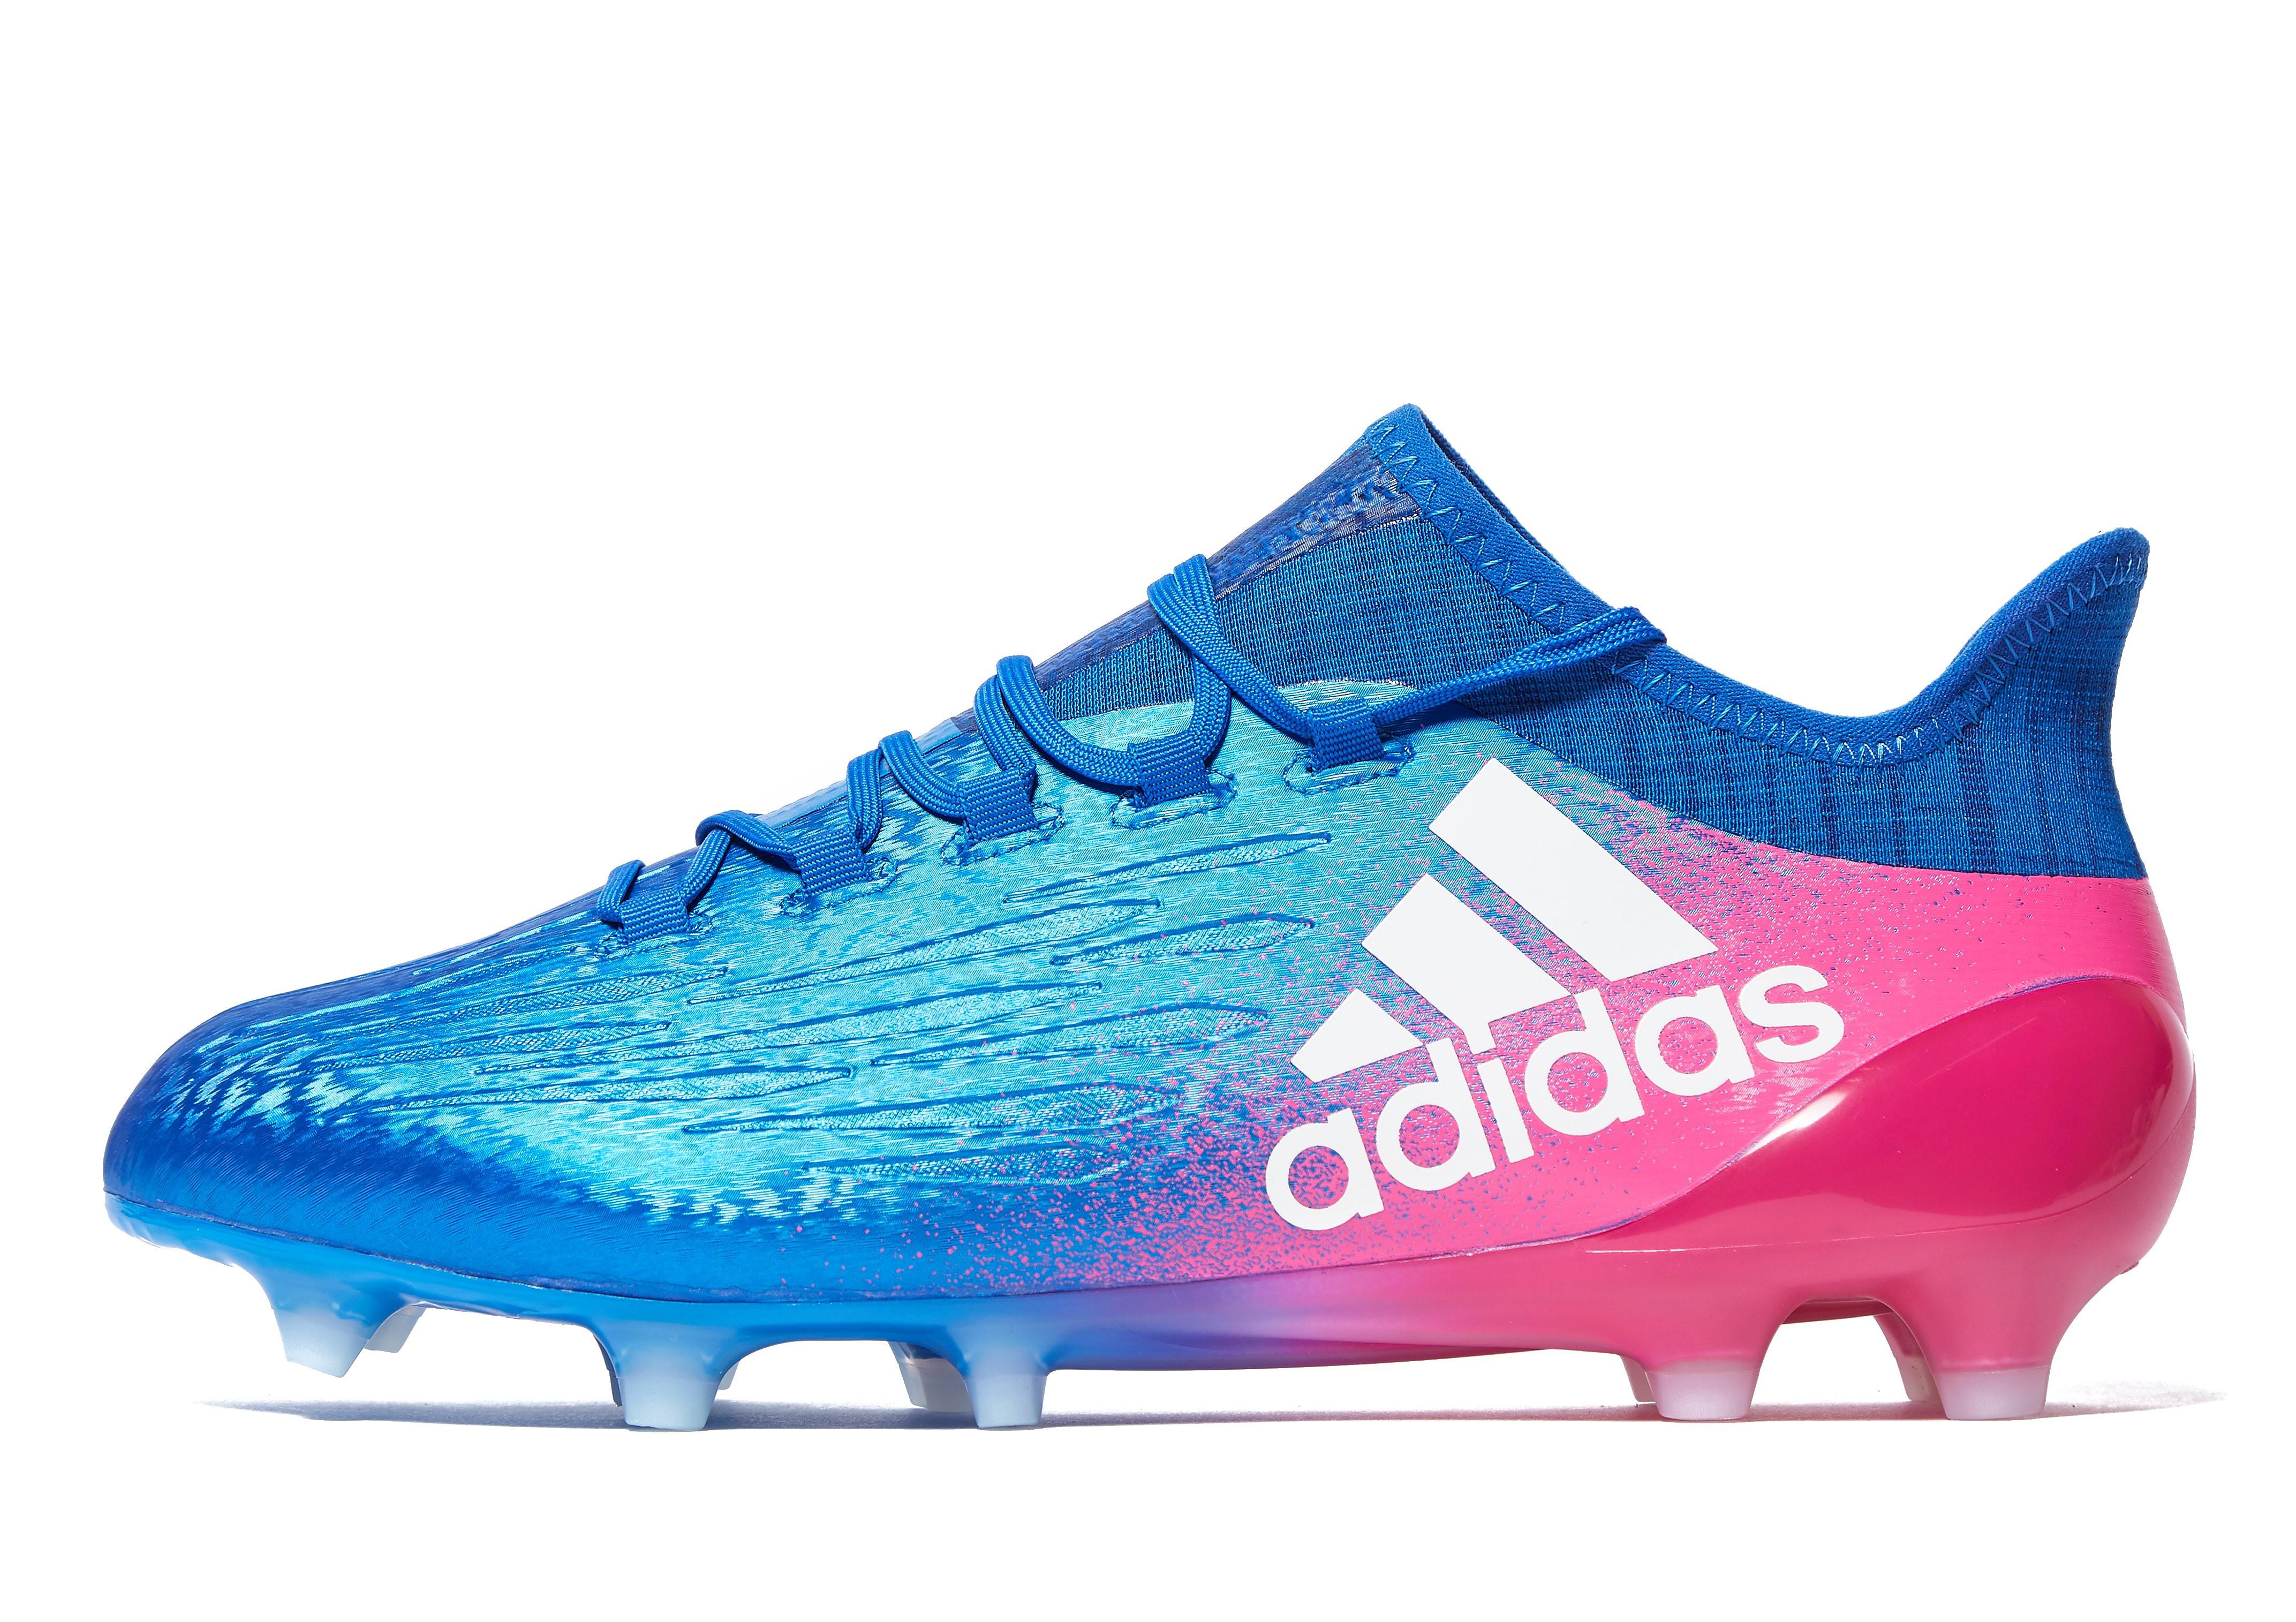 adidas Blue Blast X 16.1 FG